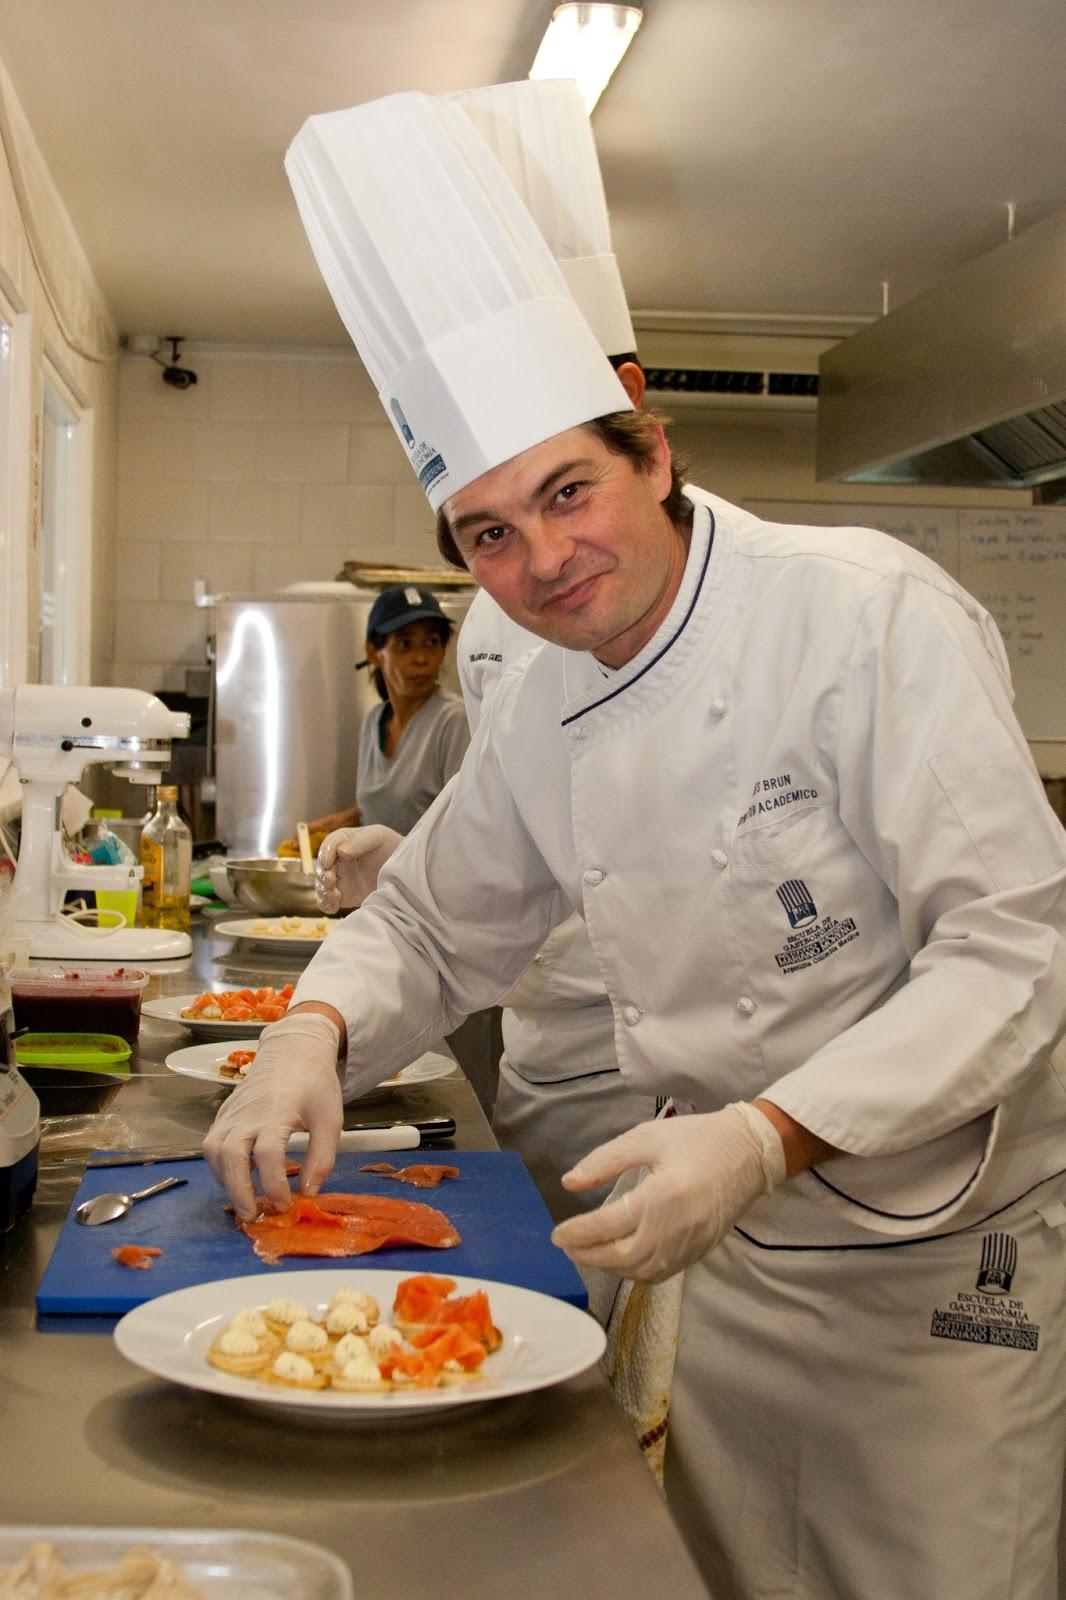 Abre en venezuela escuela de gastronom a mariano moreno - Clases de cocina medellin ...